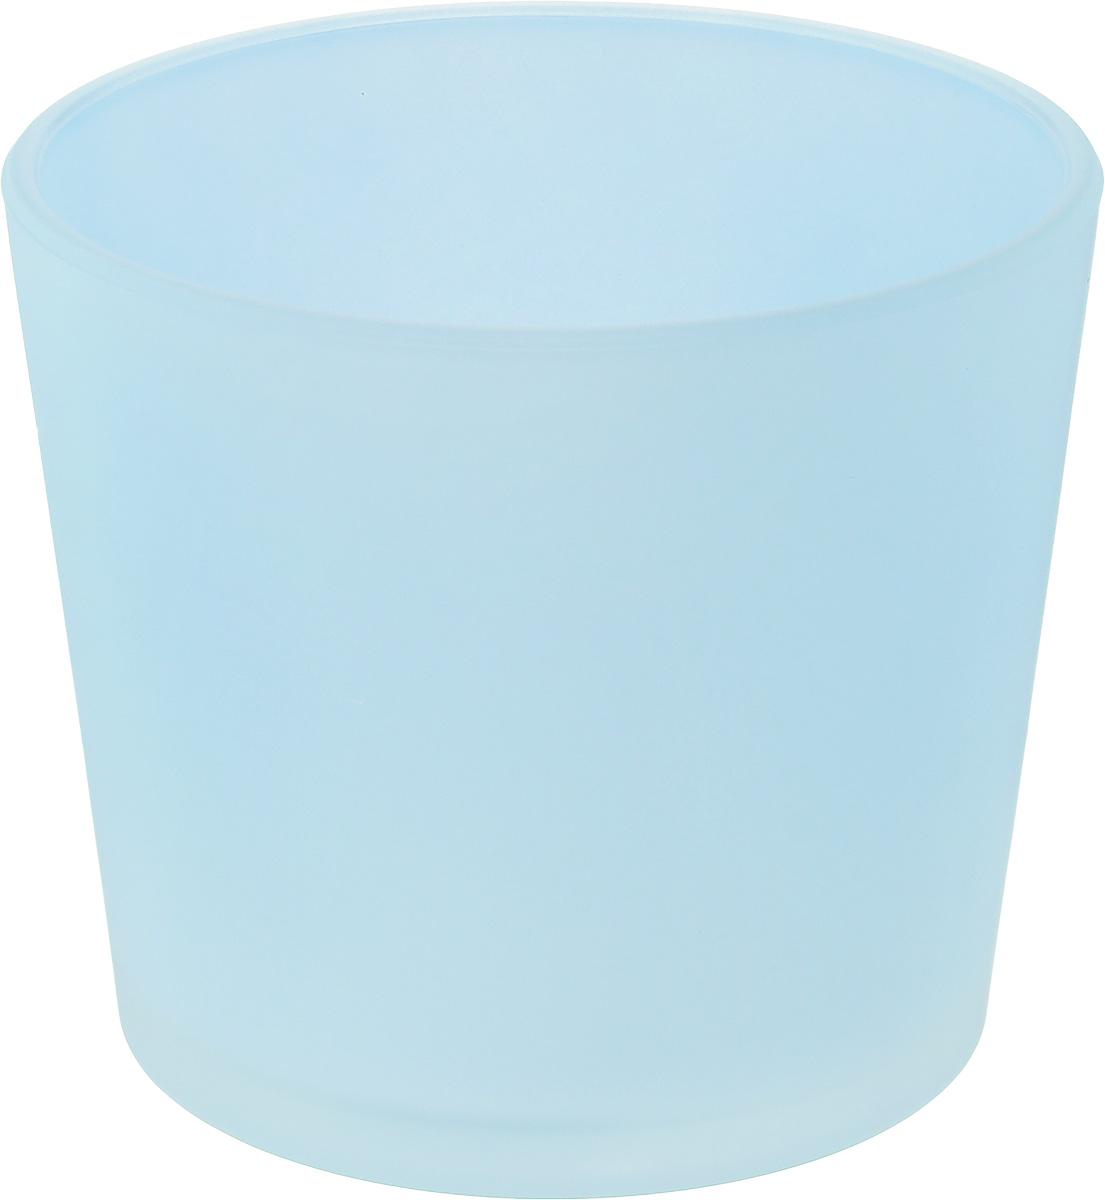 Кашпо NiNaGlass, цвет: голубой, высота 12,5 см531-121Кашпо NiNaGlass имеет уникальную форму, сочетающуюся как с классическим, так и с современным дизайном интерьера. Оно изготовлено из высококачественного стекла и предназначено для выращивания растений, цветов и трав в домашних условиях. Кашпо NiNaGlass порадует вас функциональностью, а благодаря лаконичному дизайну впишется в любой интерьер помещения. Диаметр кашпо (по верхнему краю): 14,5 см.Высота кашпо: 12,5 см.